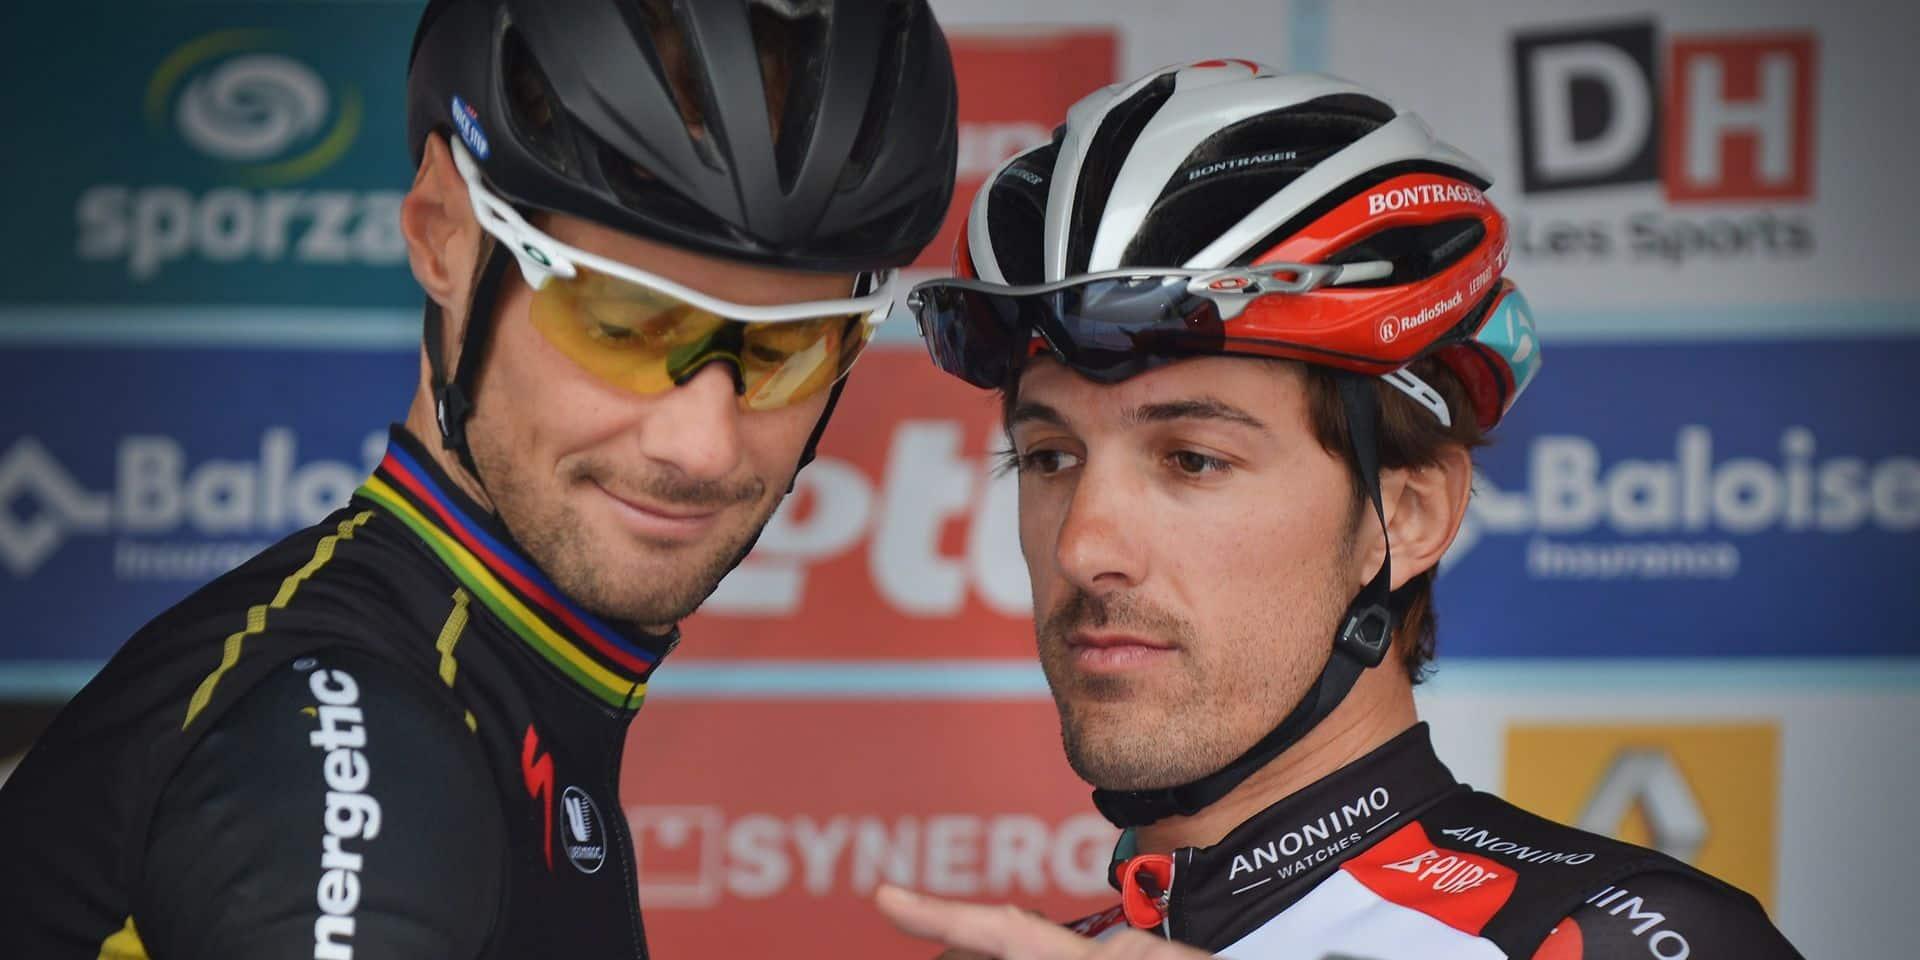 """Fabian Cancellara ne voit pas Tom Boonen revenir dans le peloton: """"Il a beaucoup plus à perdre"""""""